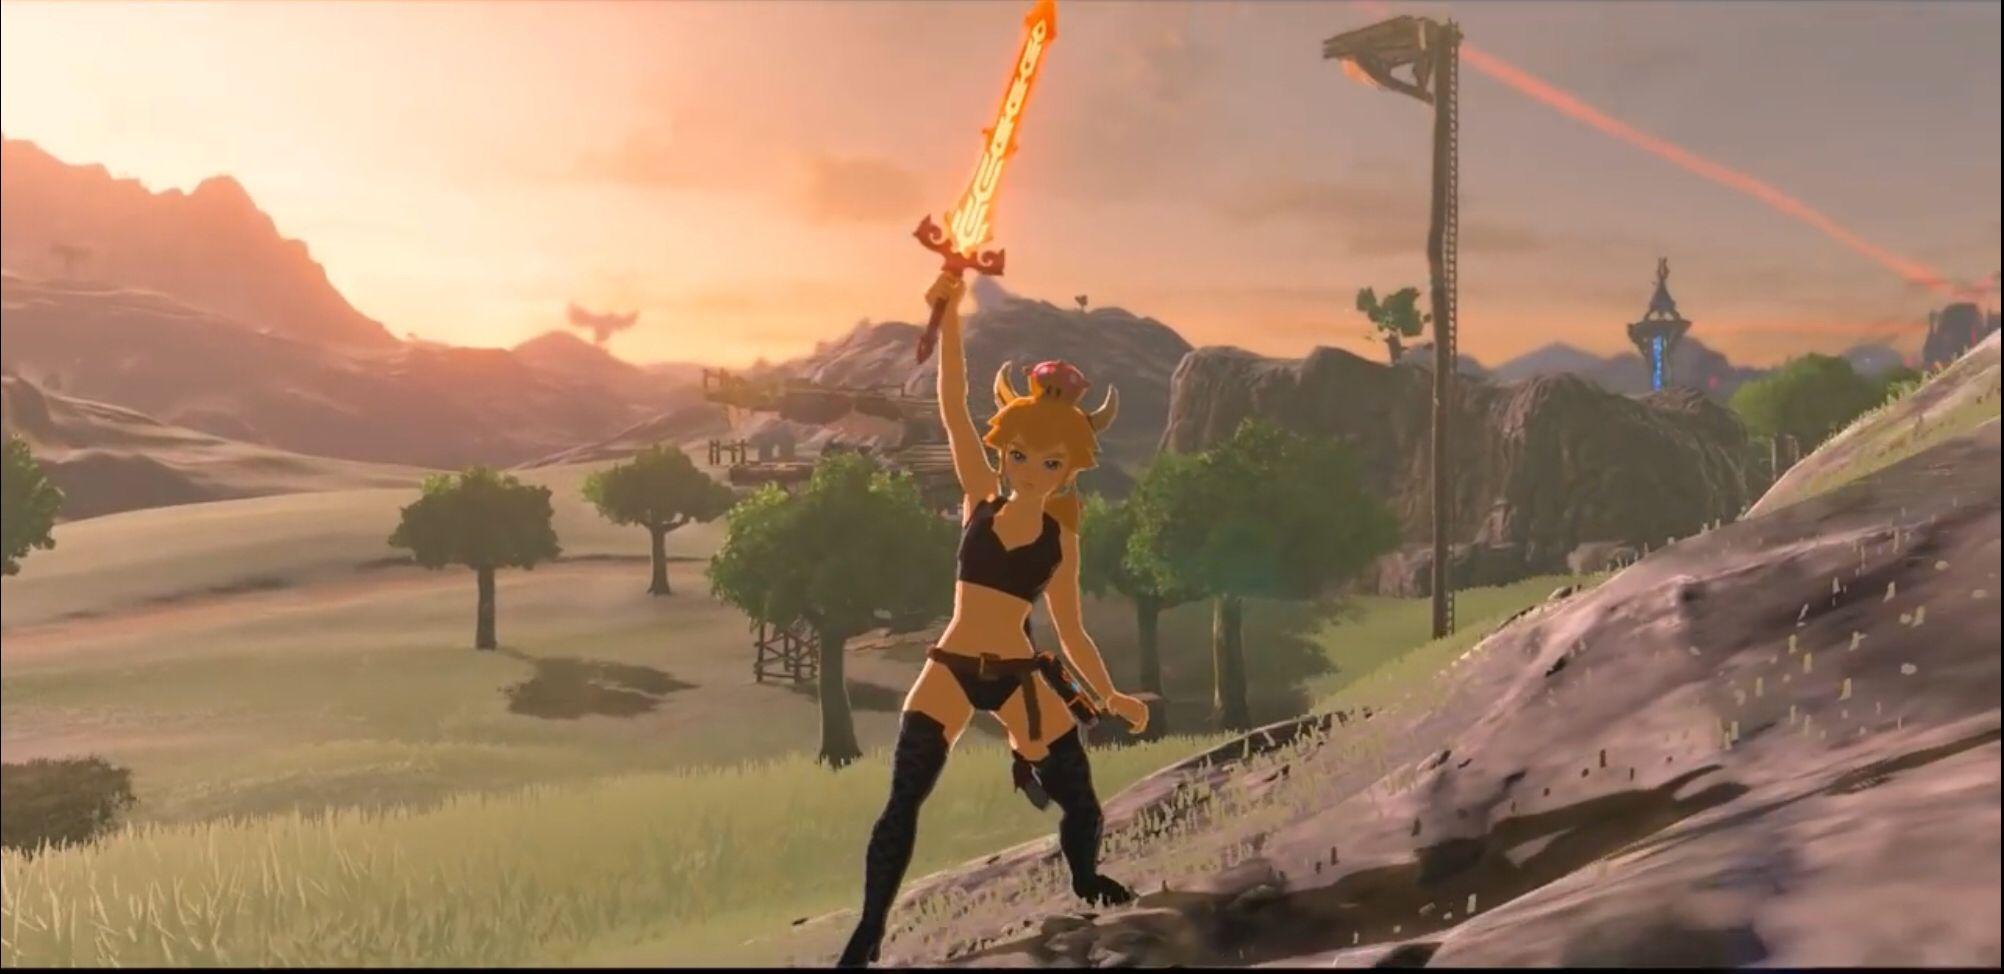 New Mod Adds Playable Princess Zelda to Zelda Breath of